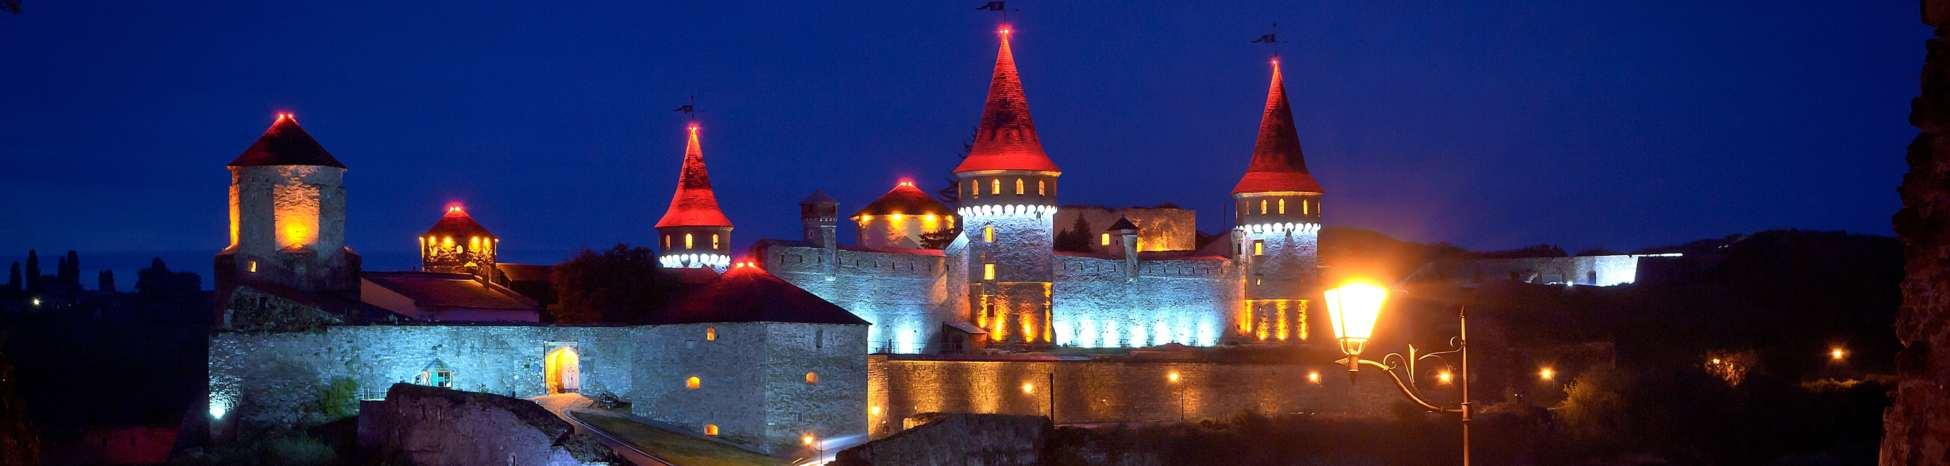 3 Кам'янець-Подільська_фортеця_-_нічна_панорама